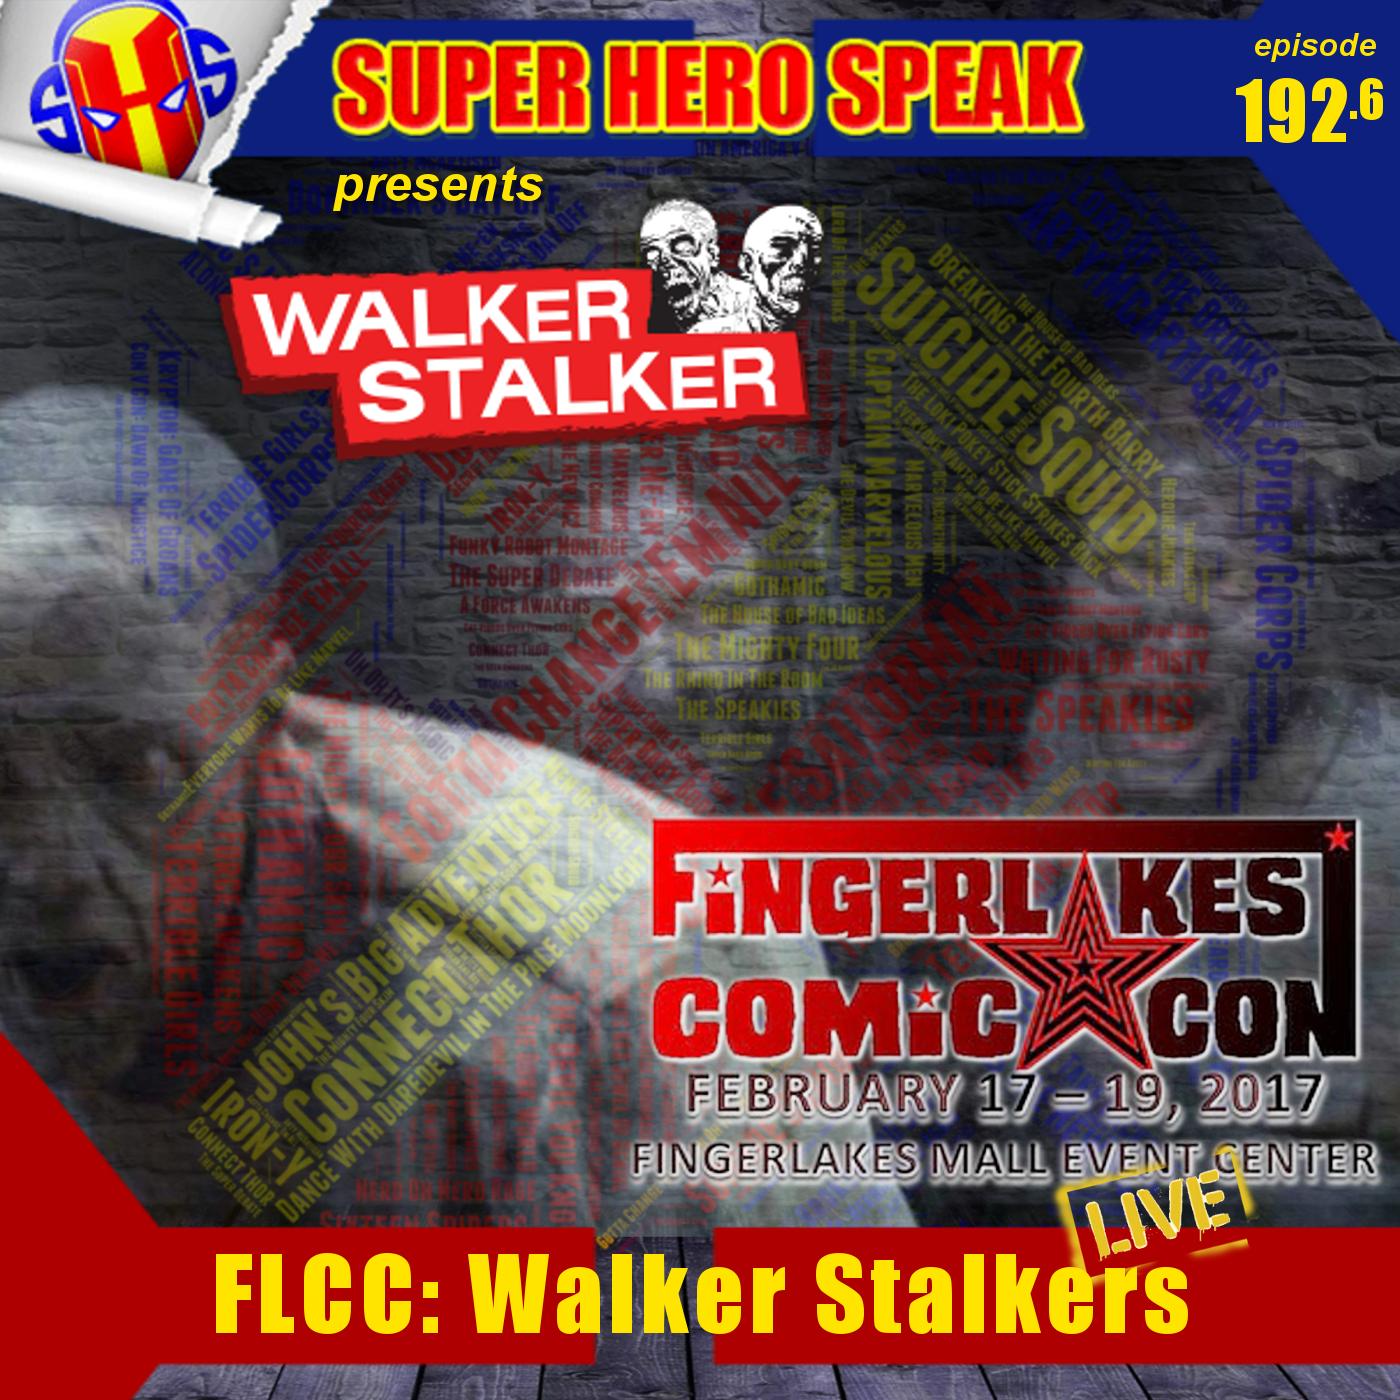 #192.6: FLCC Walker Stalker